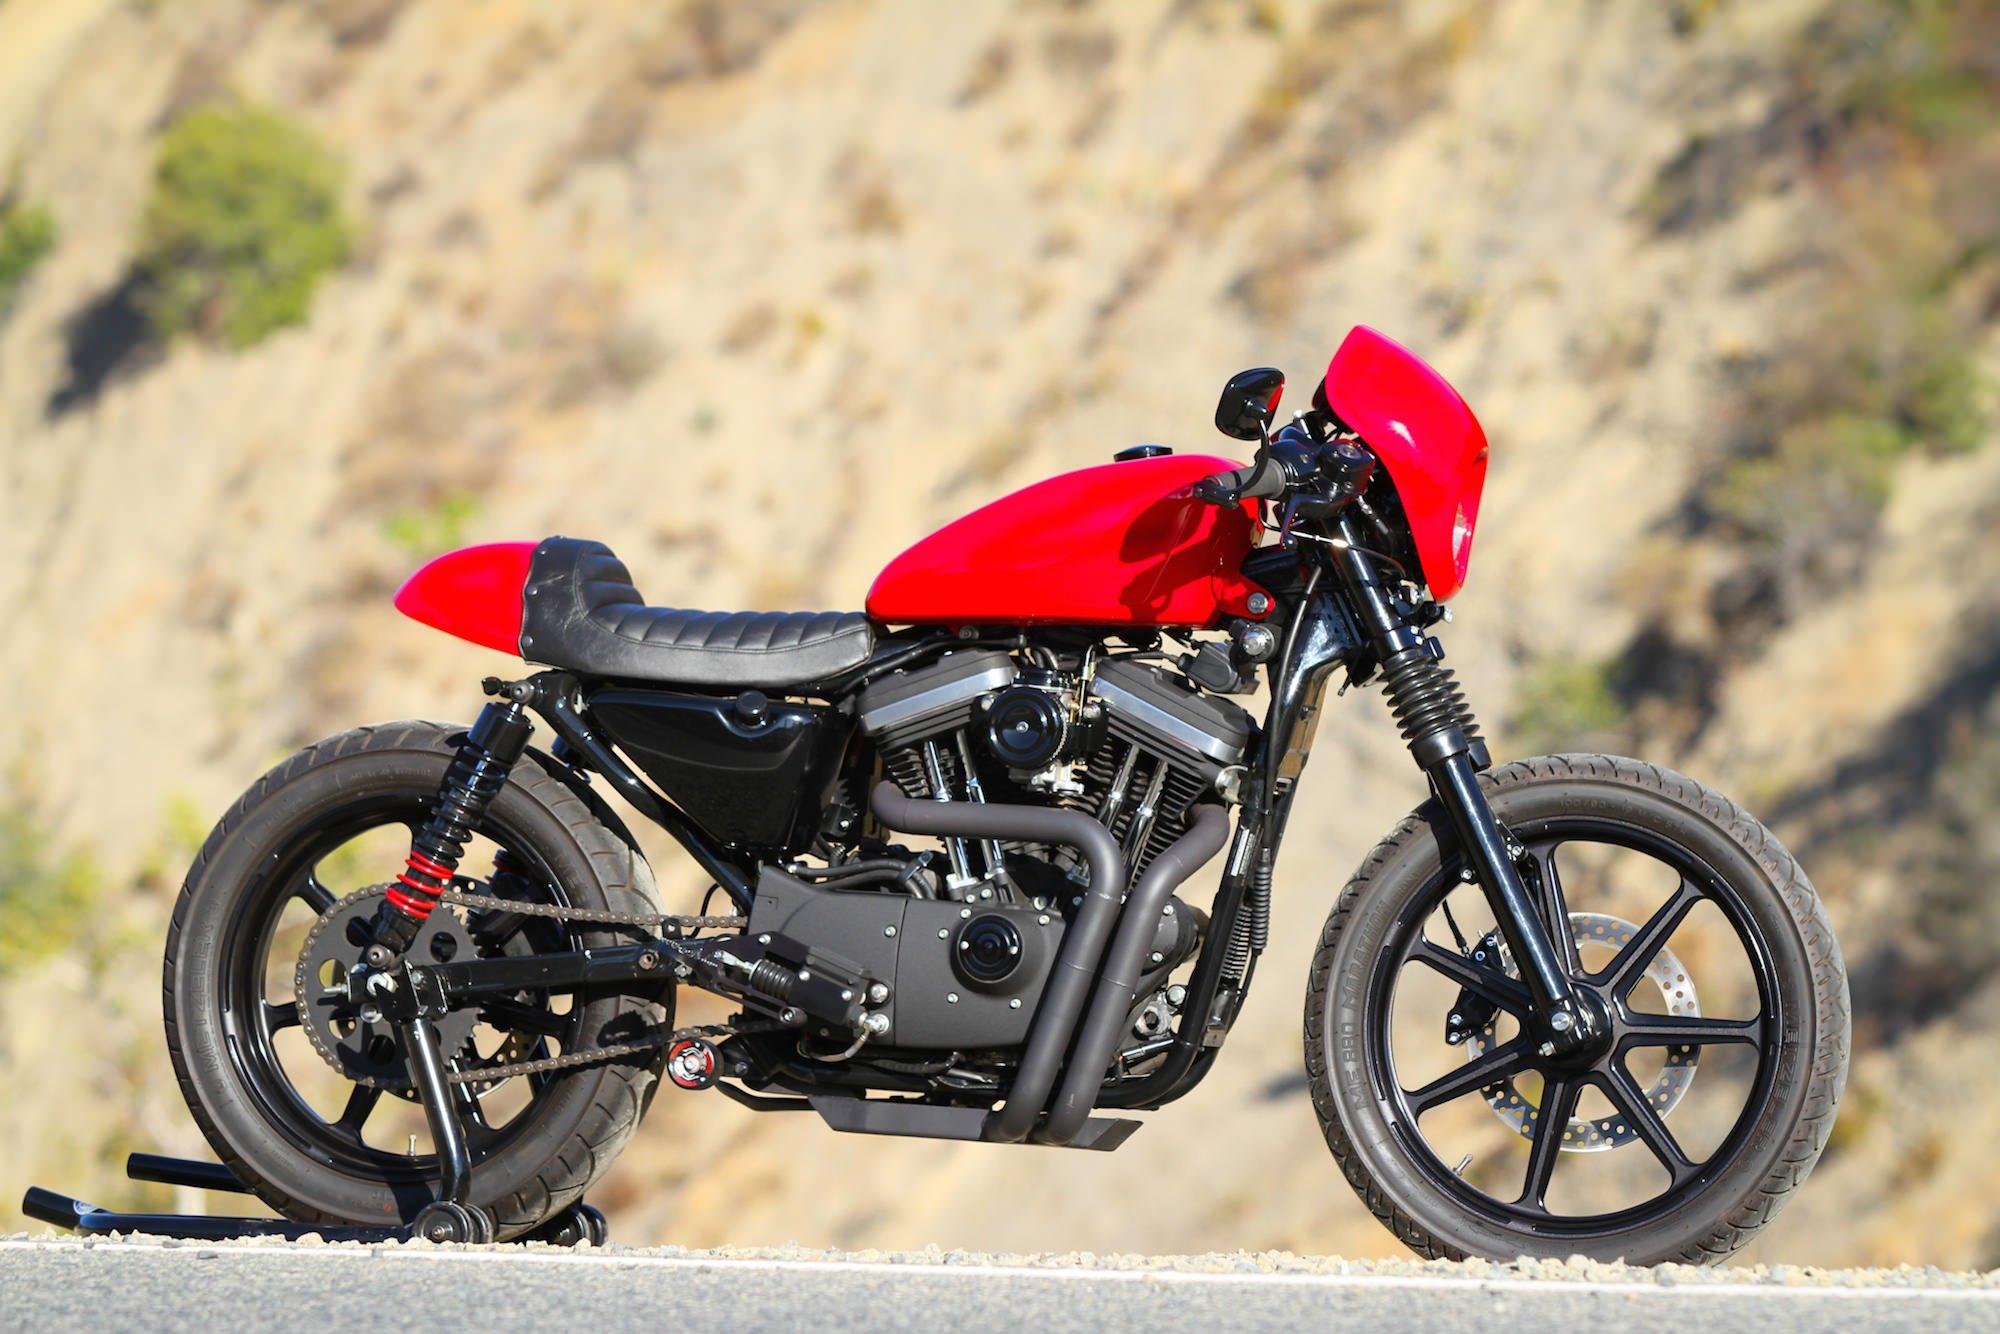 Harley Davidson Cafe Racer Kit